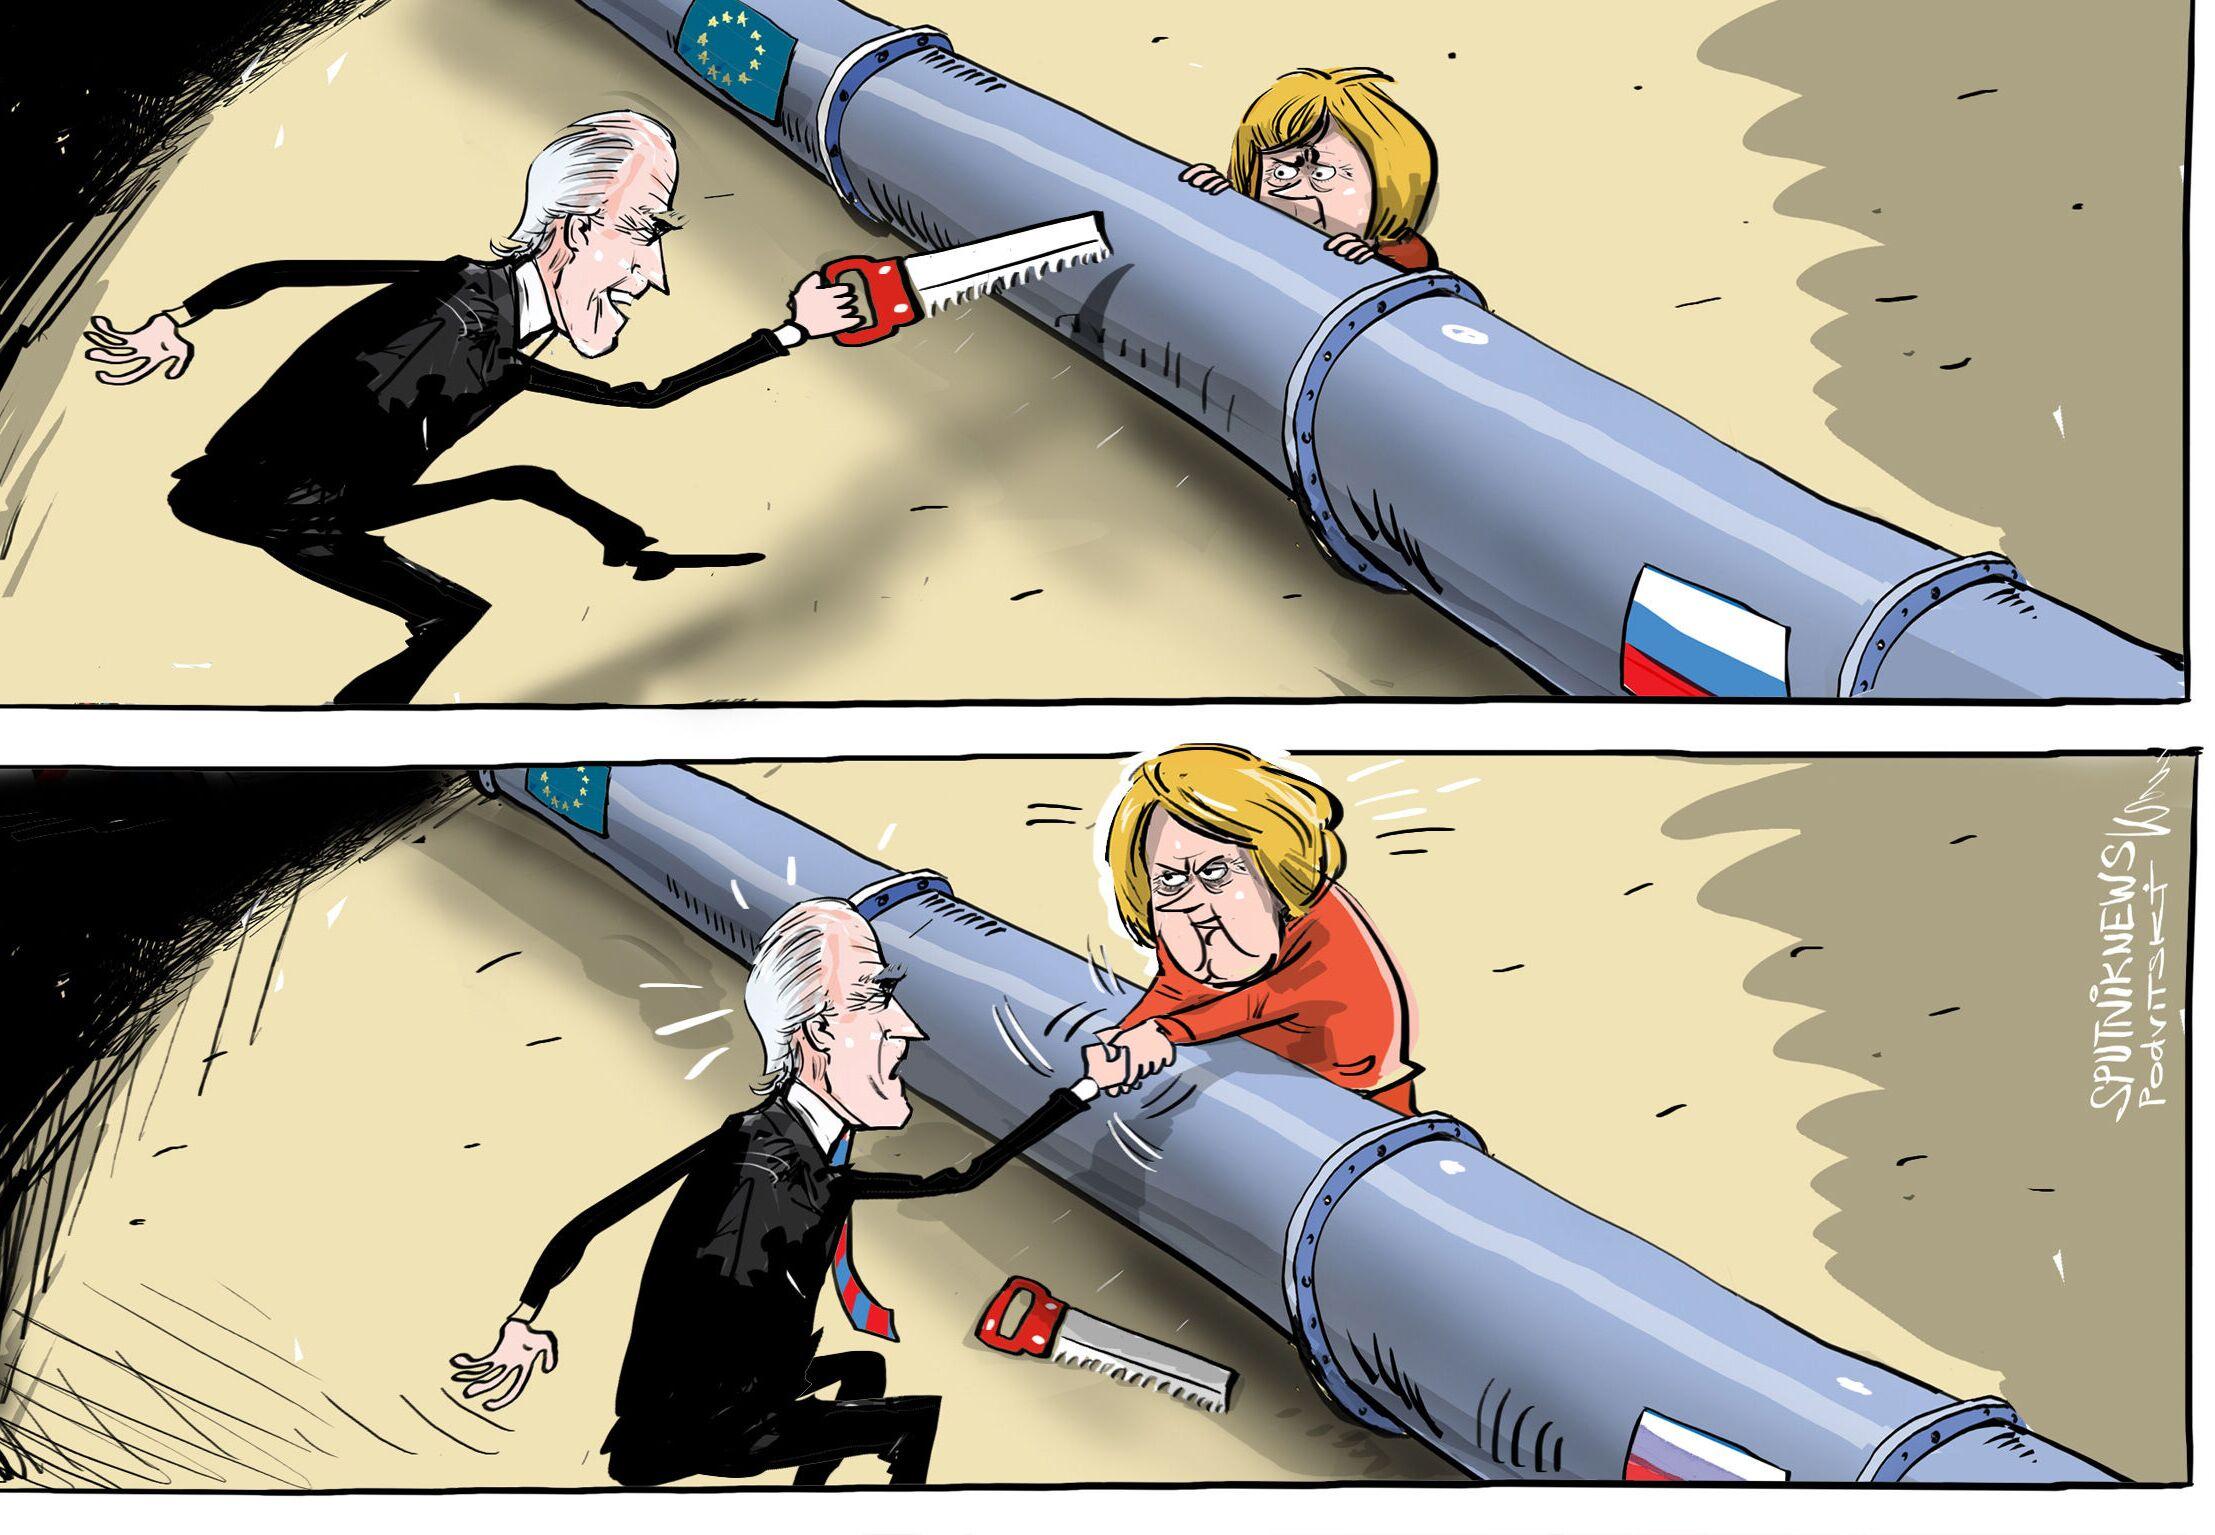 هل اتفقت أخيرا أمريكا وألمانيا حول التيار الشمالي 2؟